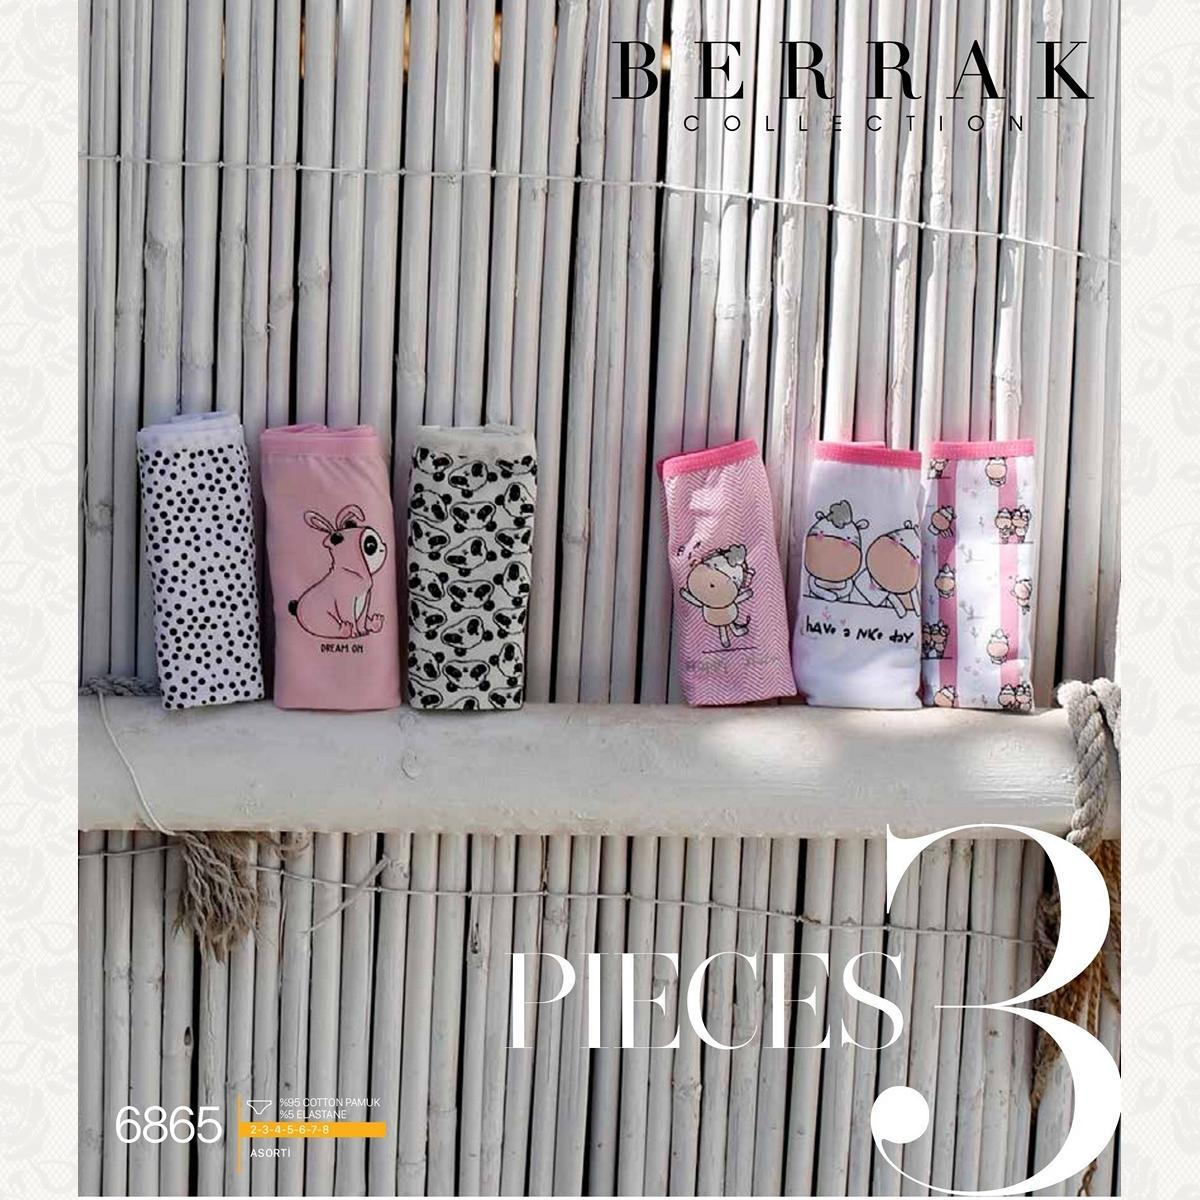 Трусики для девочки, цвет стандарт с фото, 3 шт.